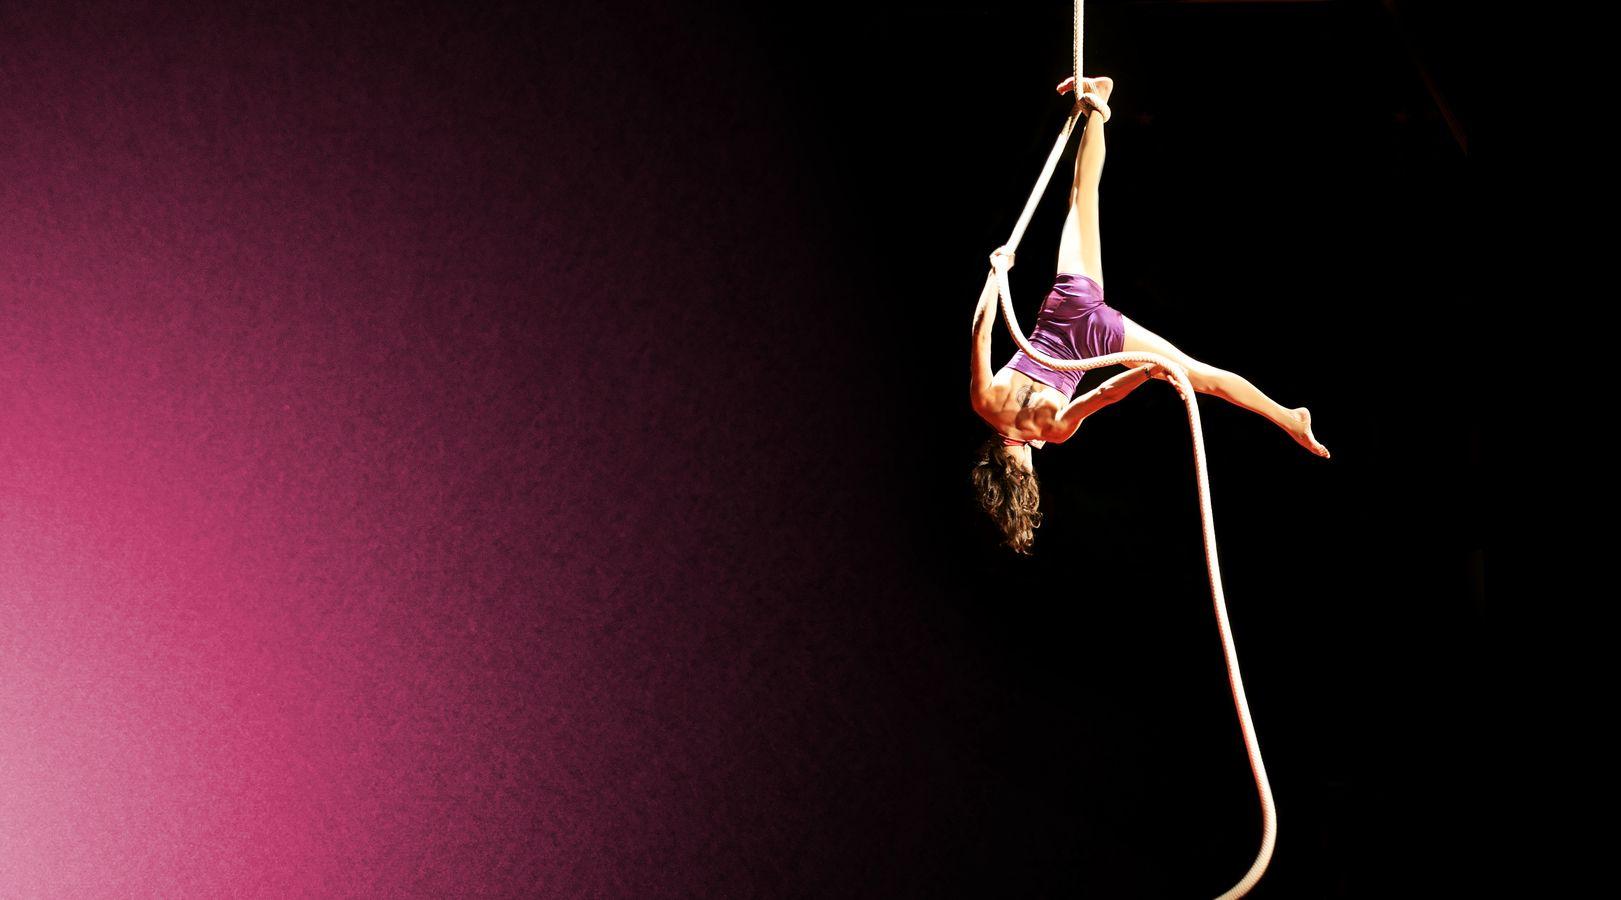 Caroline, suspendue de dos à sa corde lisse, répète son numéro sous le chapiteau du Karnaval Humanitaire. L'arrière-plan lui fait voir la vie en rose.